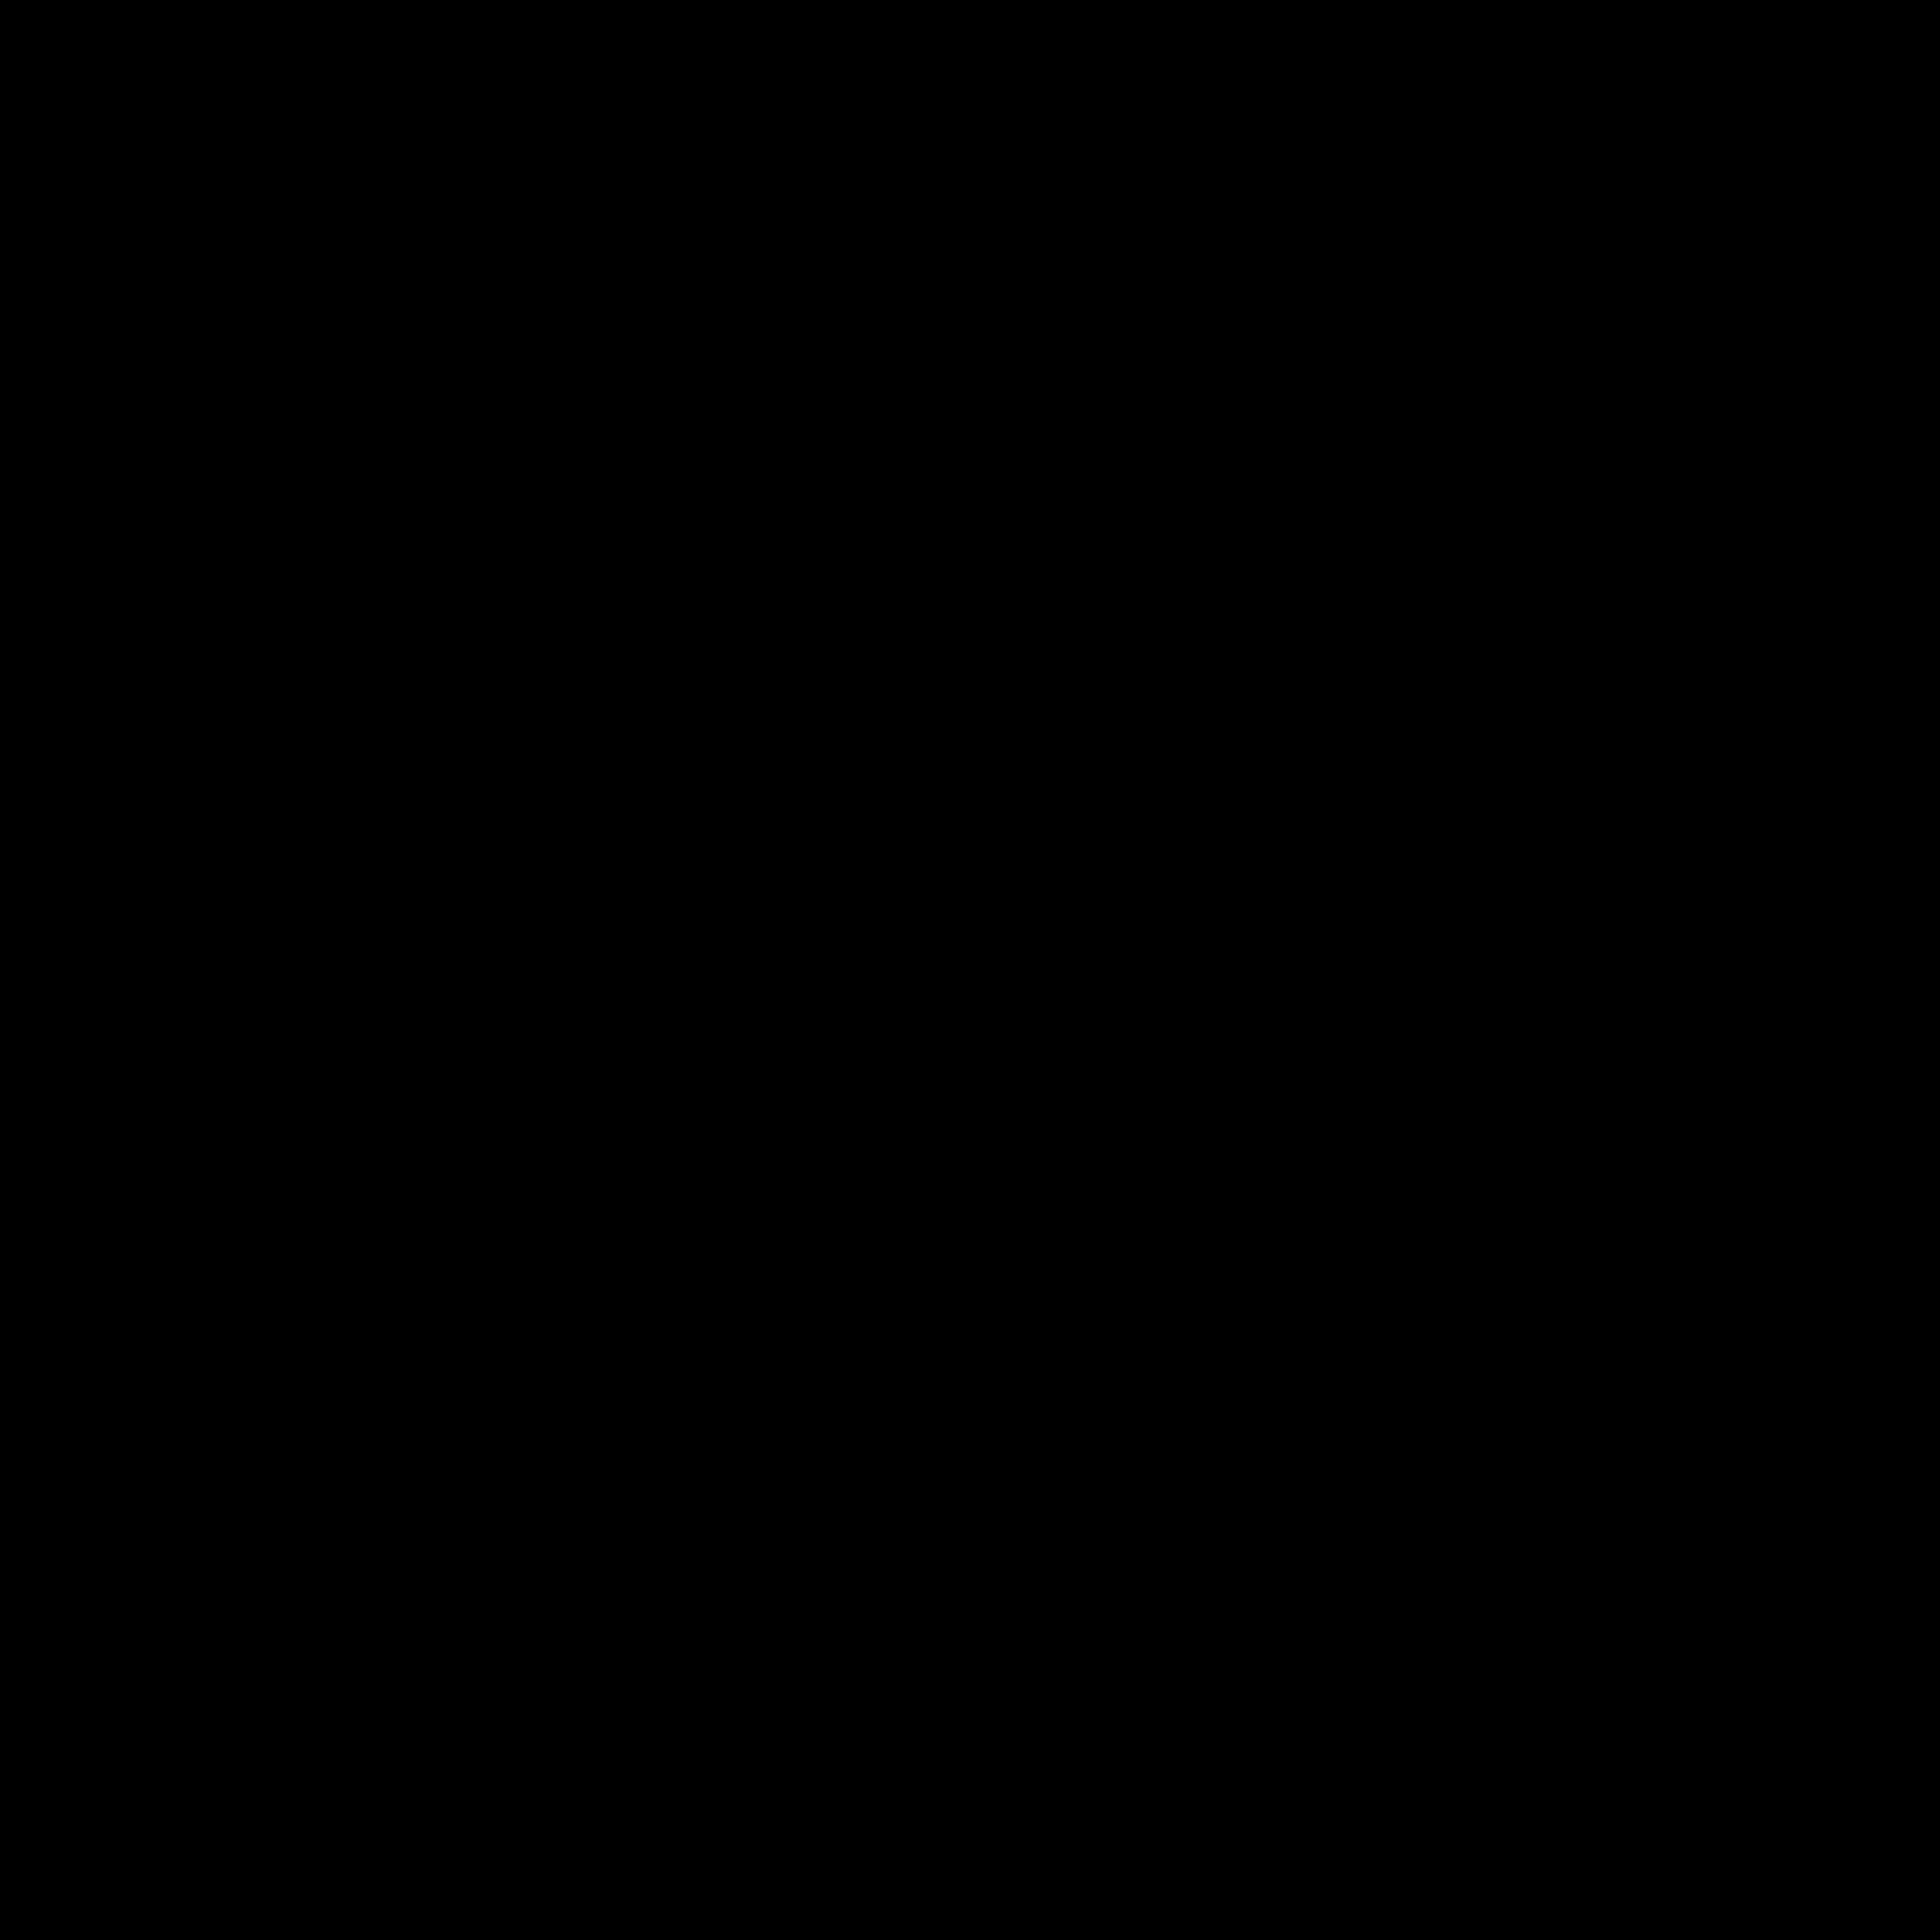 Naklejka na ścianę głowa smoka